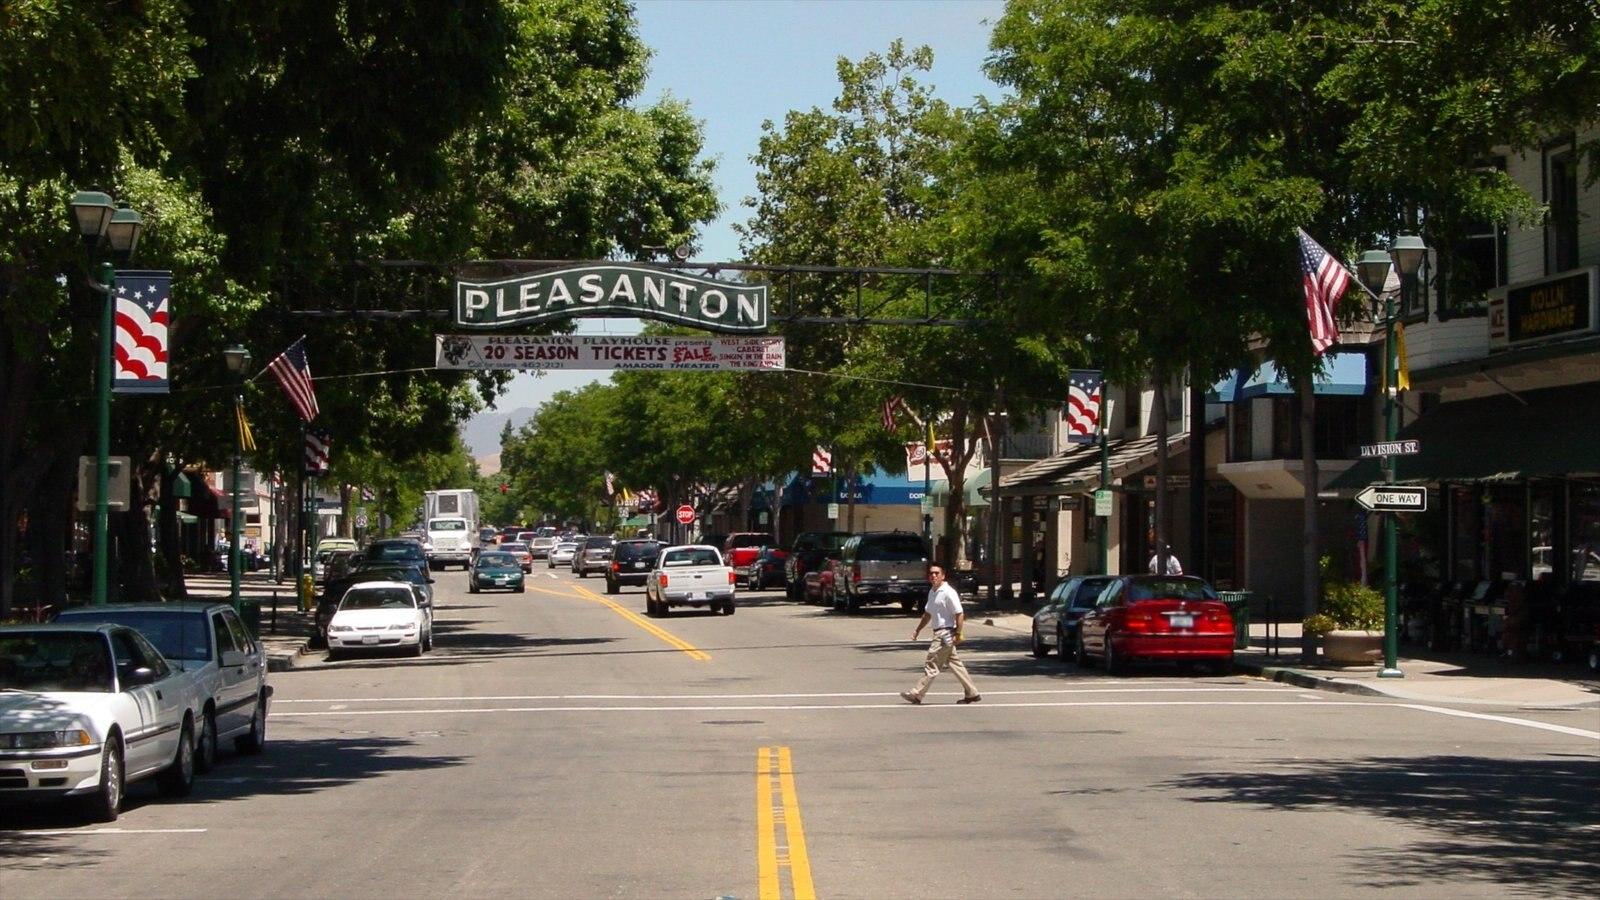 Pleasanton que inclui sinalização, cenas de rua e uma cidade